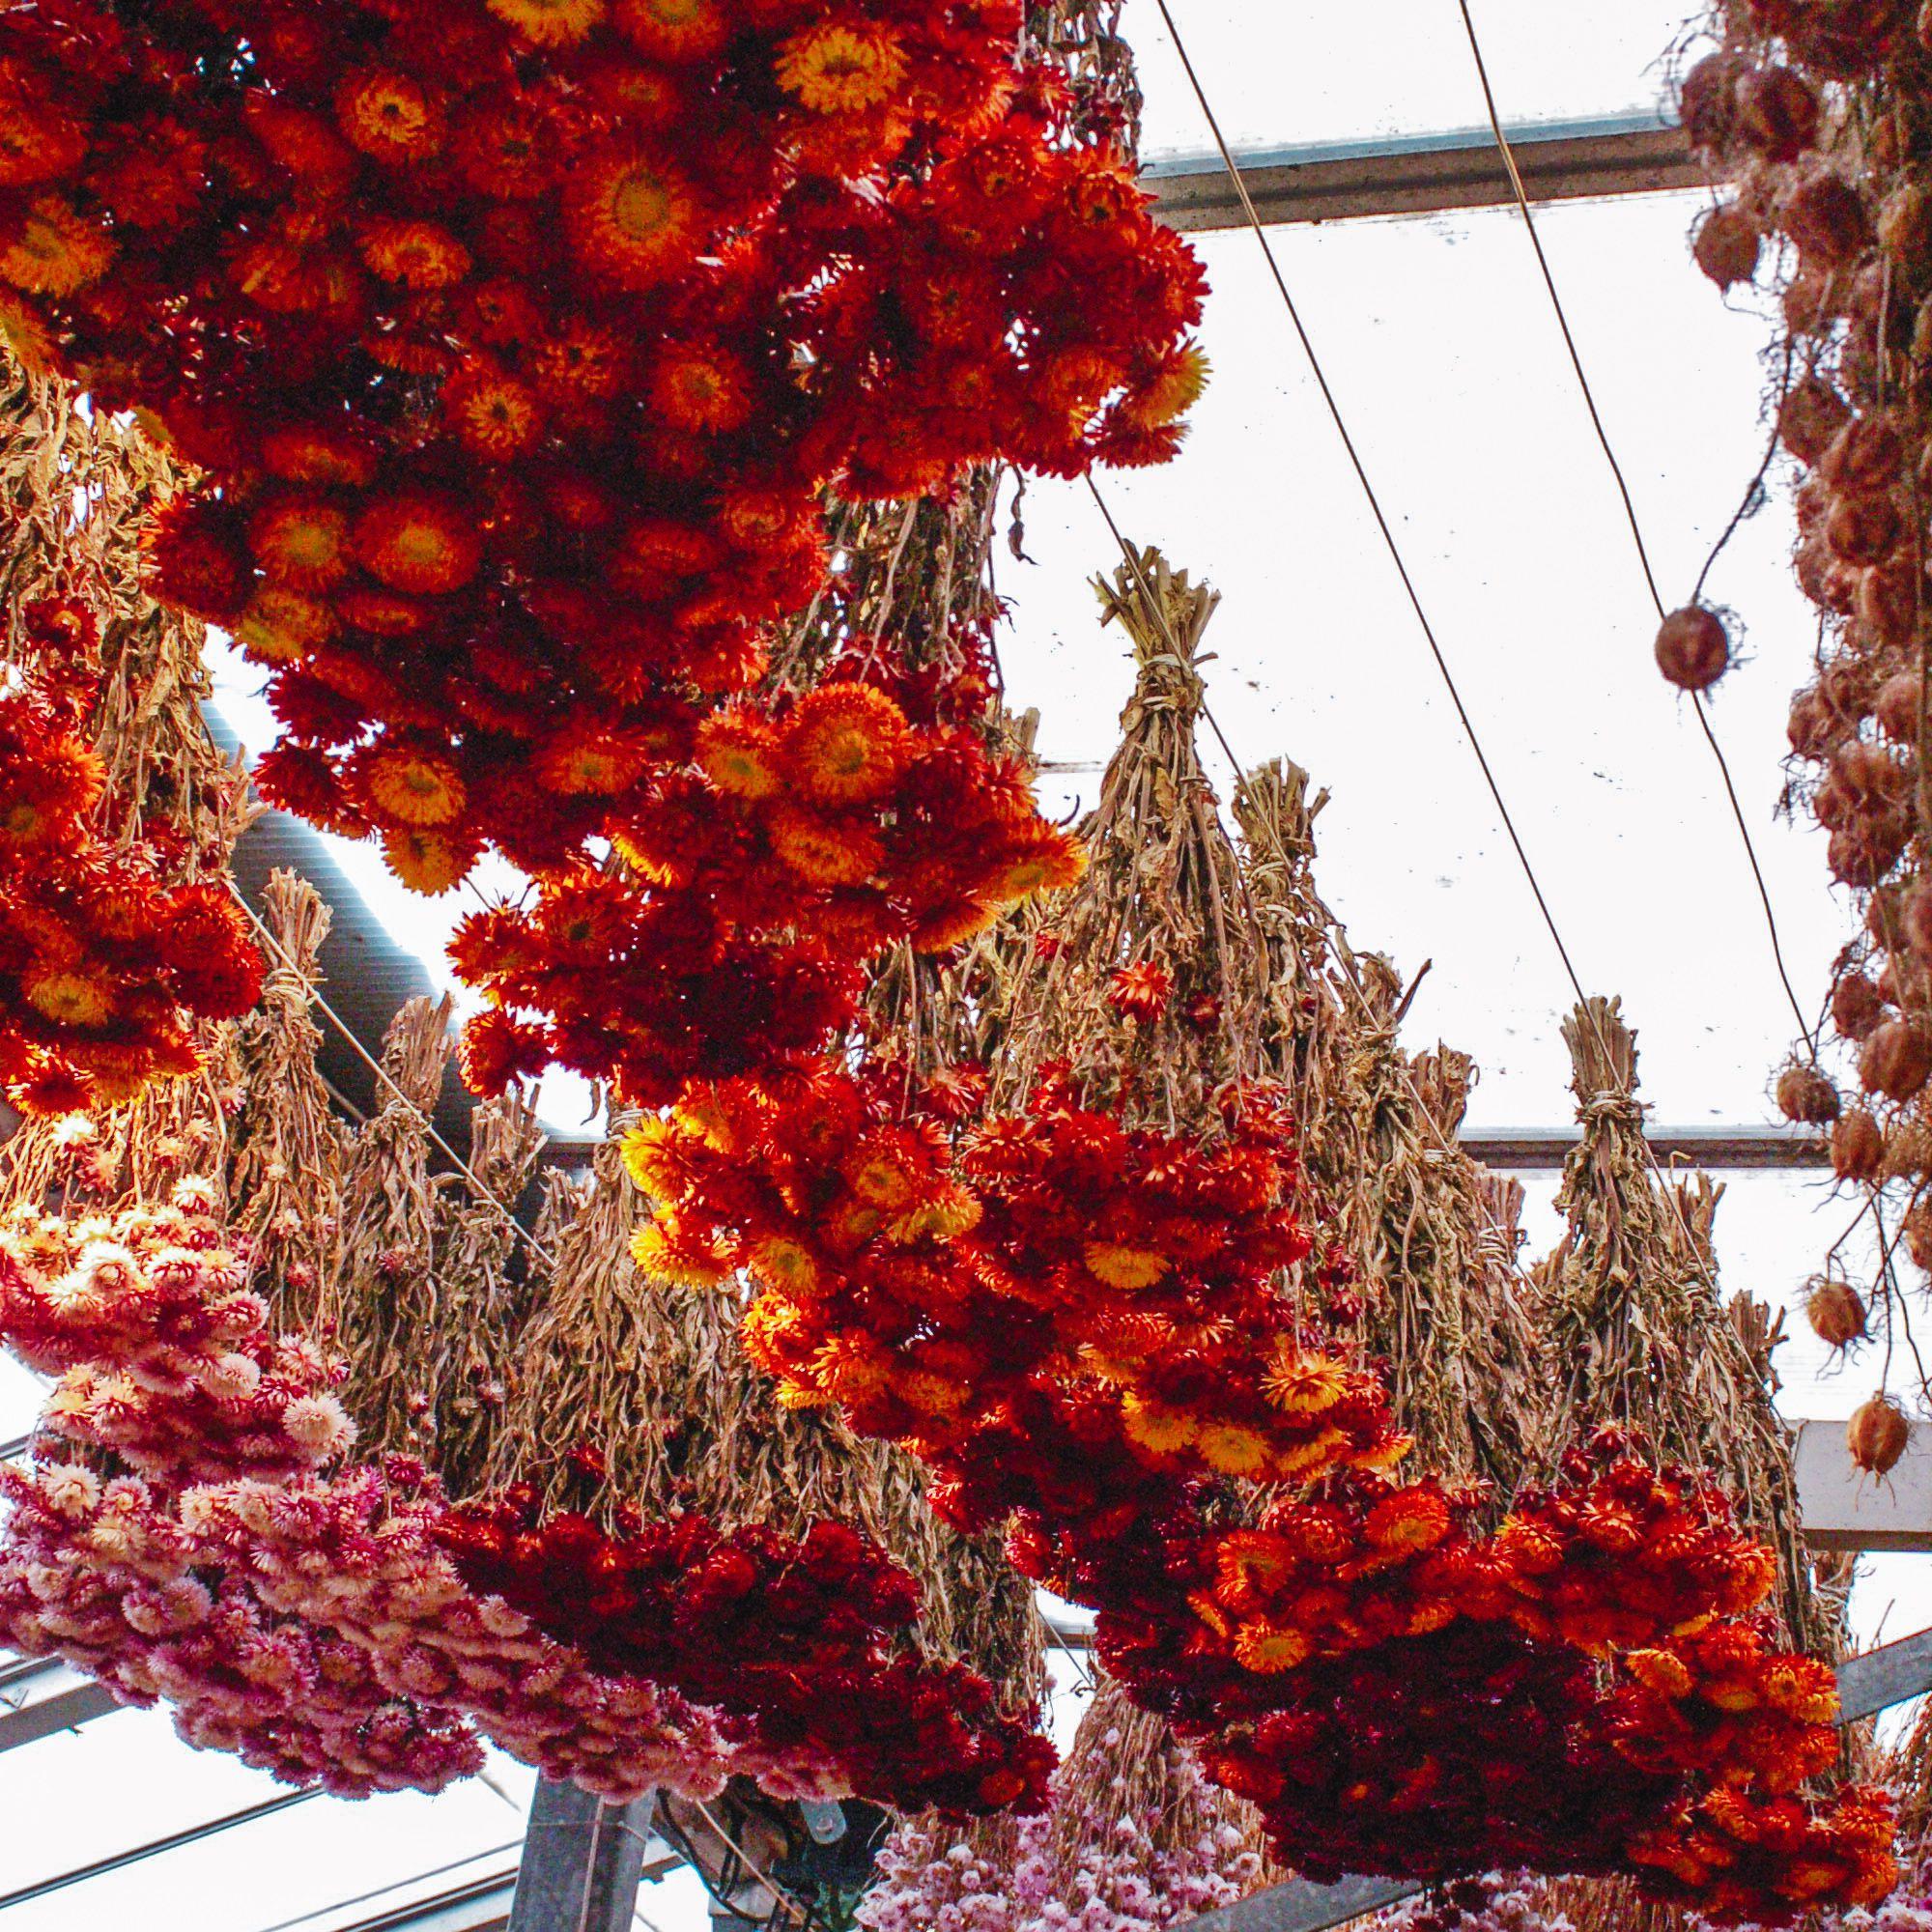 Flores colgando del techo del mercado de flores de Amsterdam